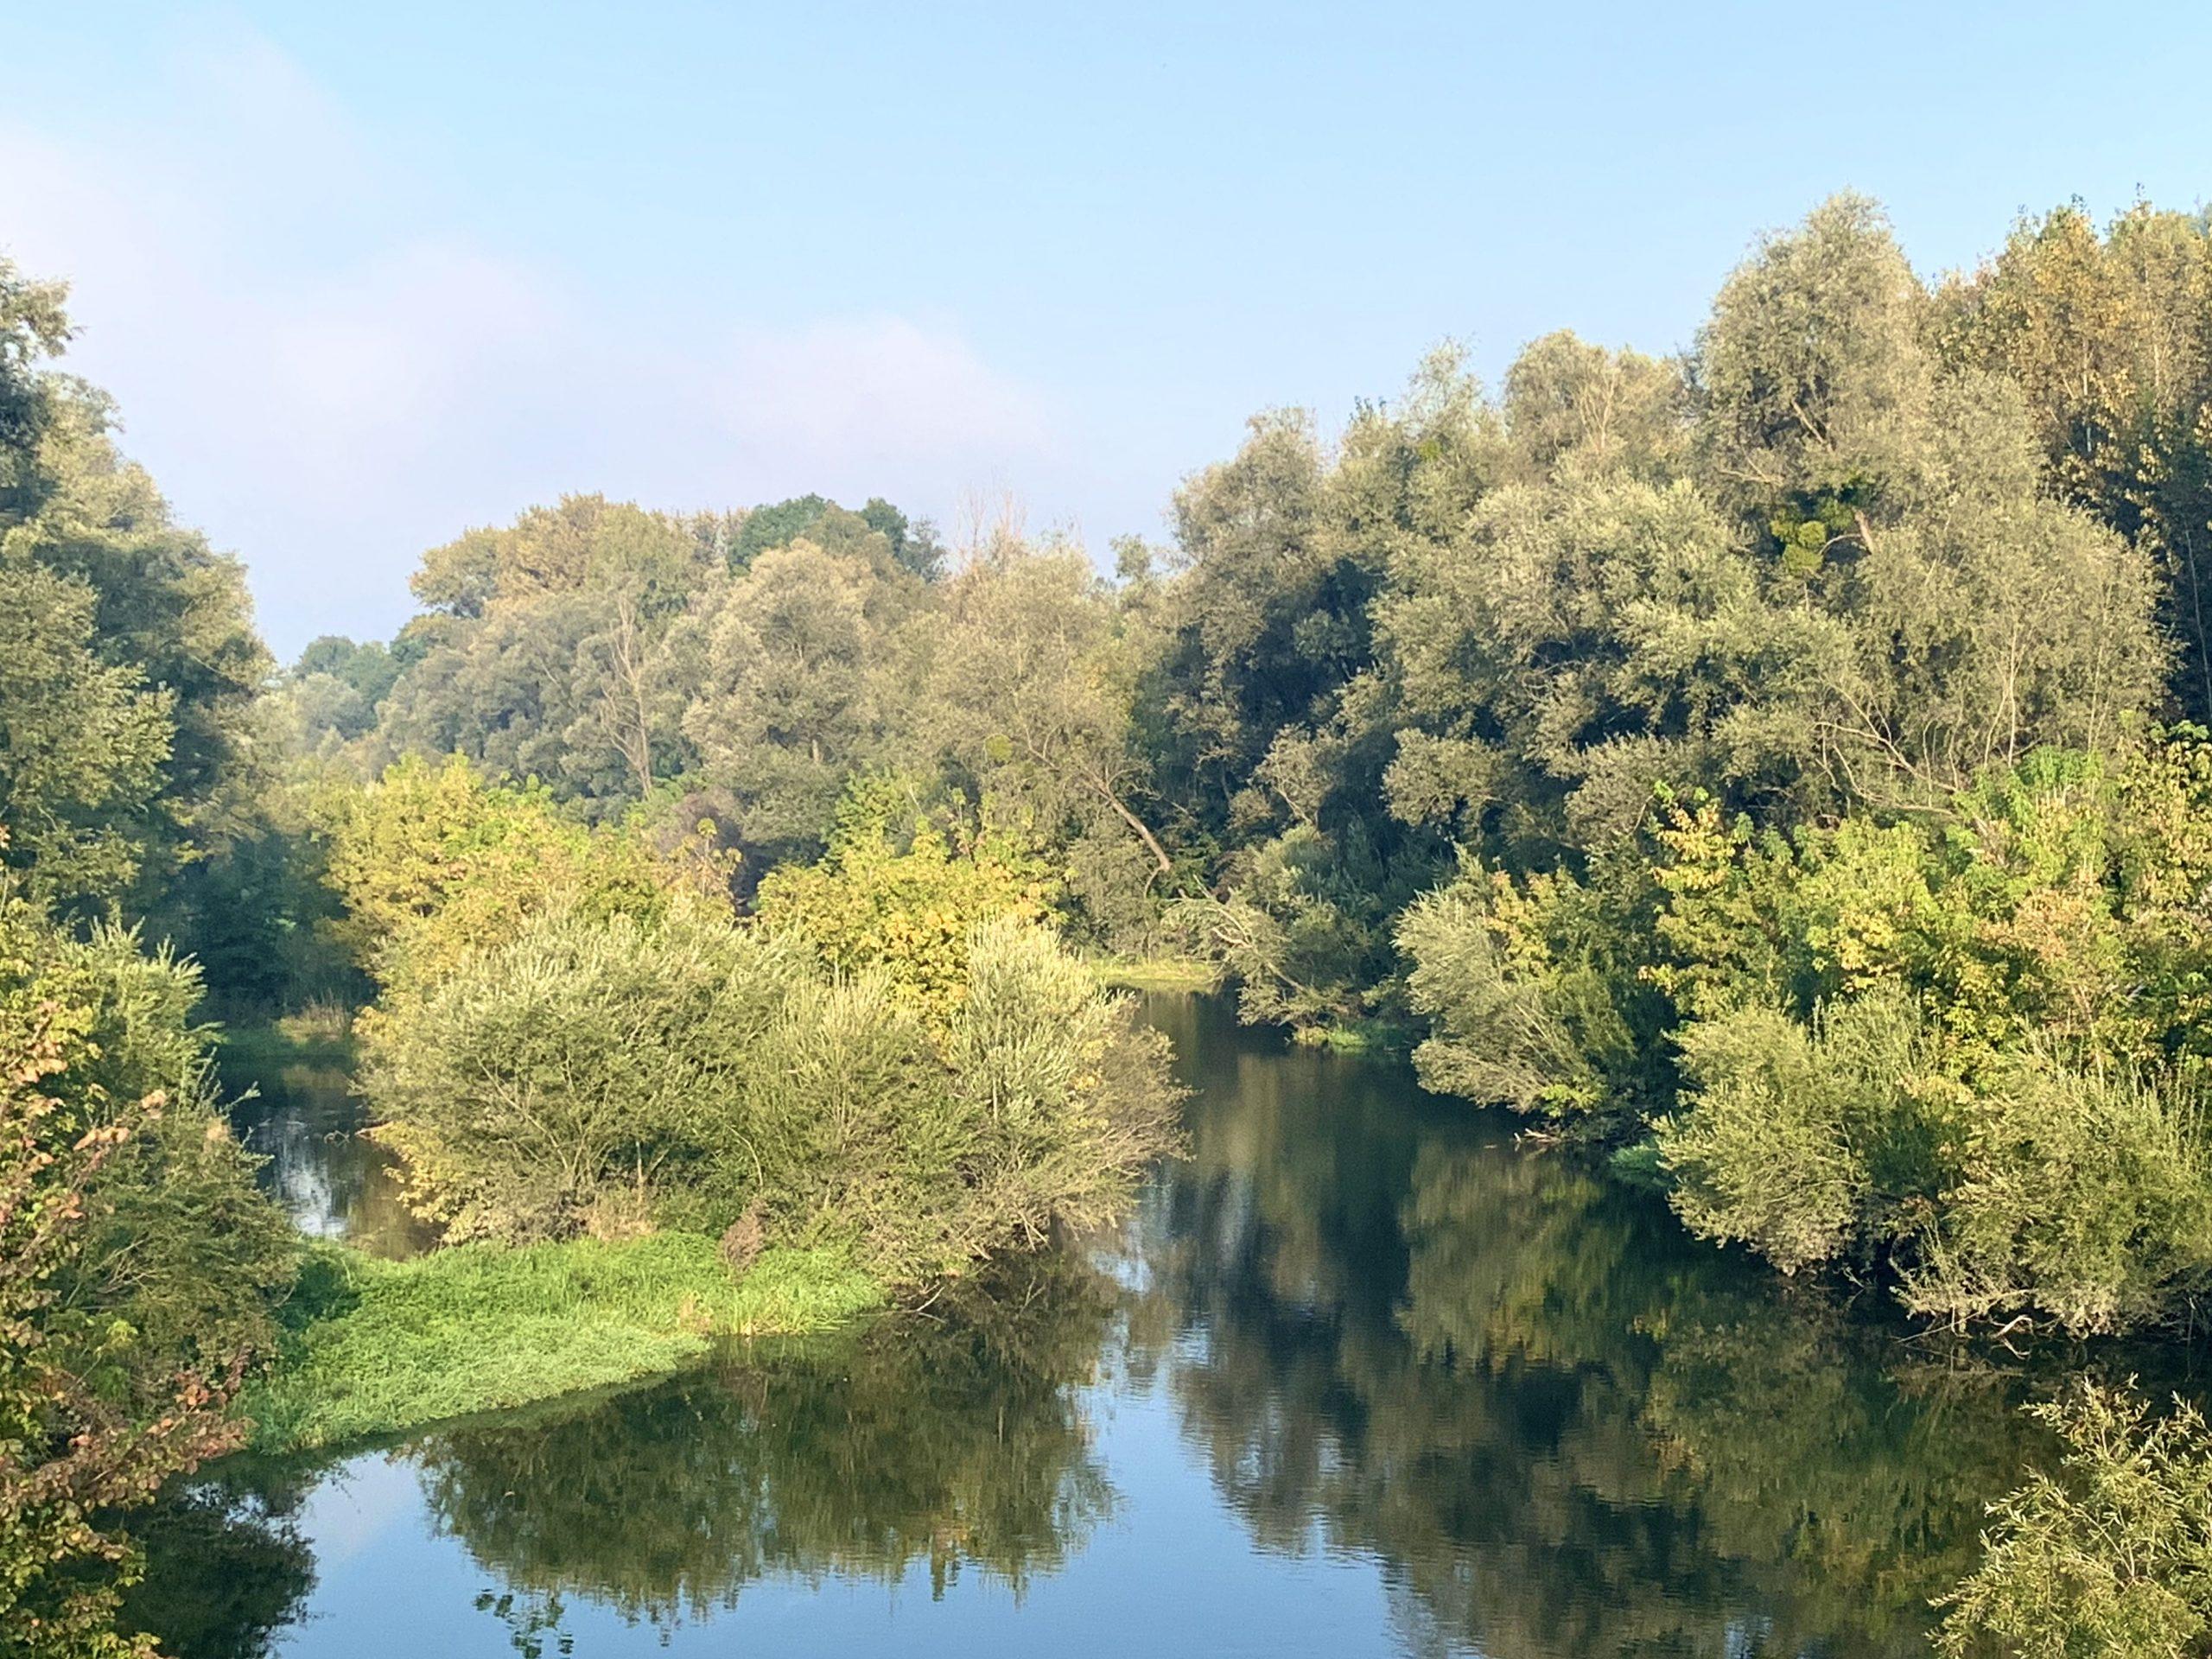 Sammelgerinne der Donau in der Au bei Abwinden